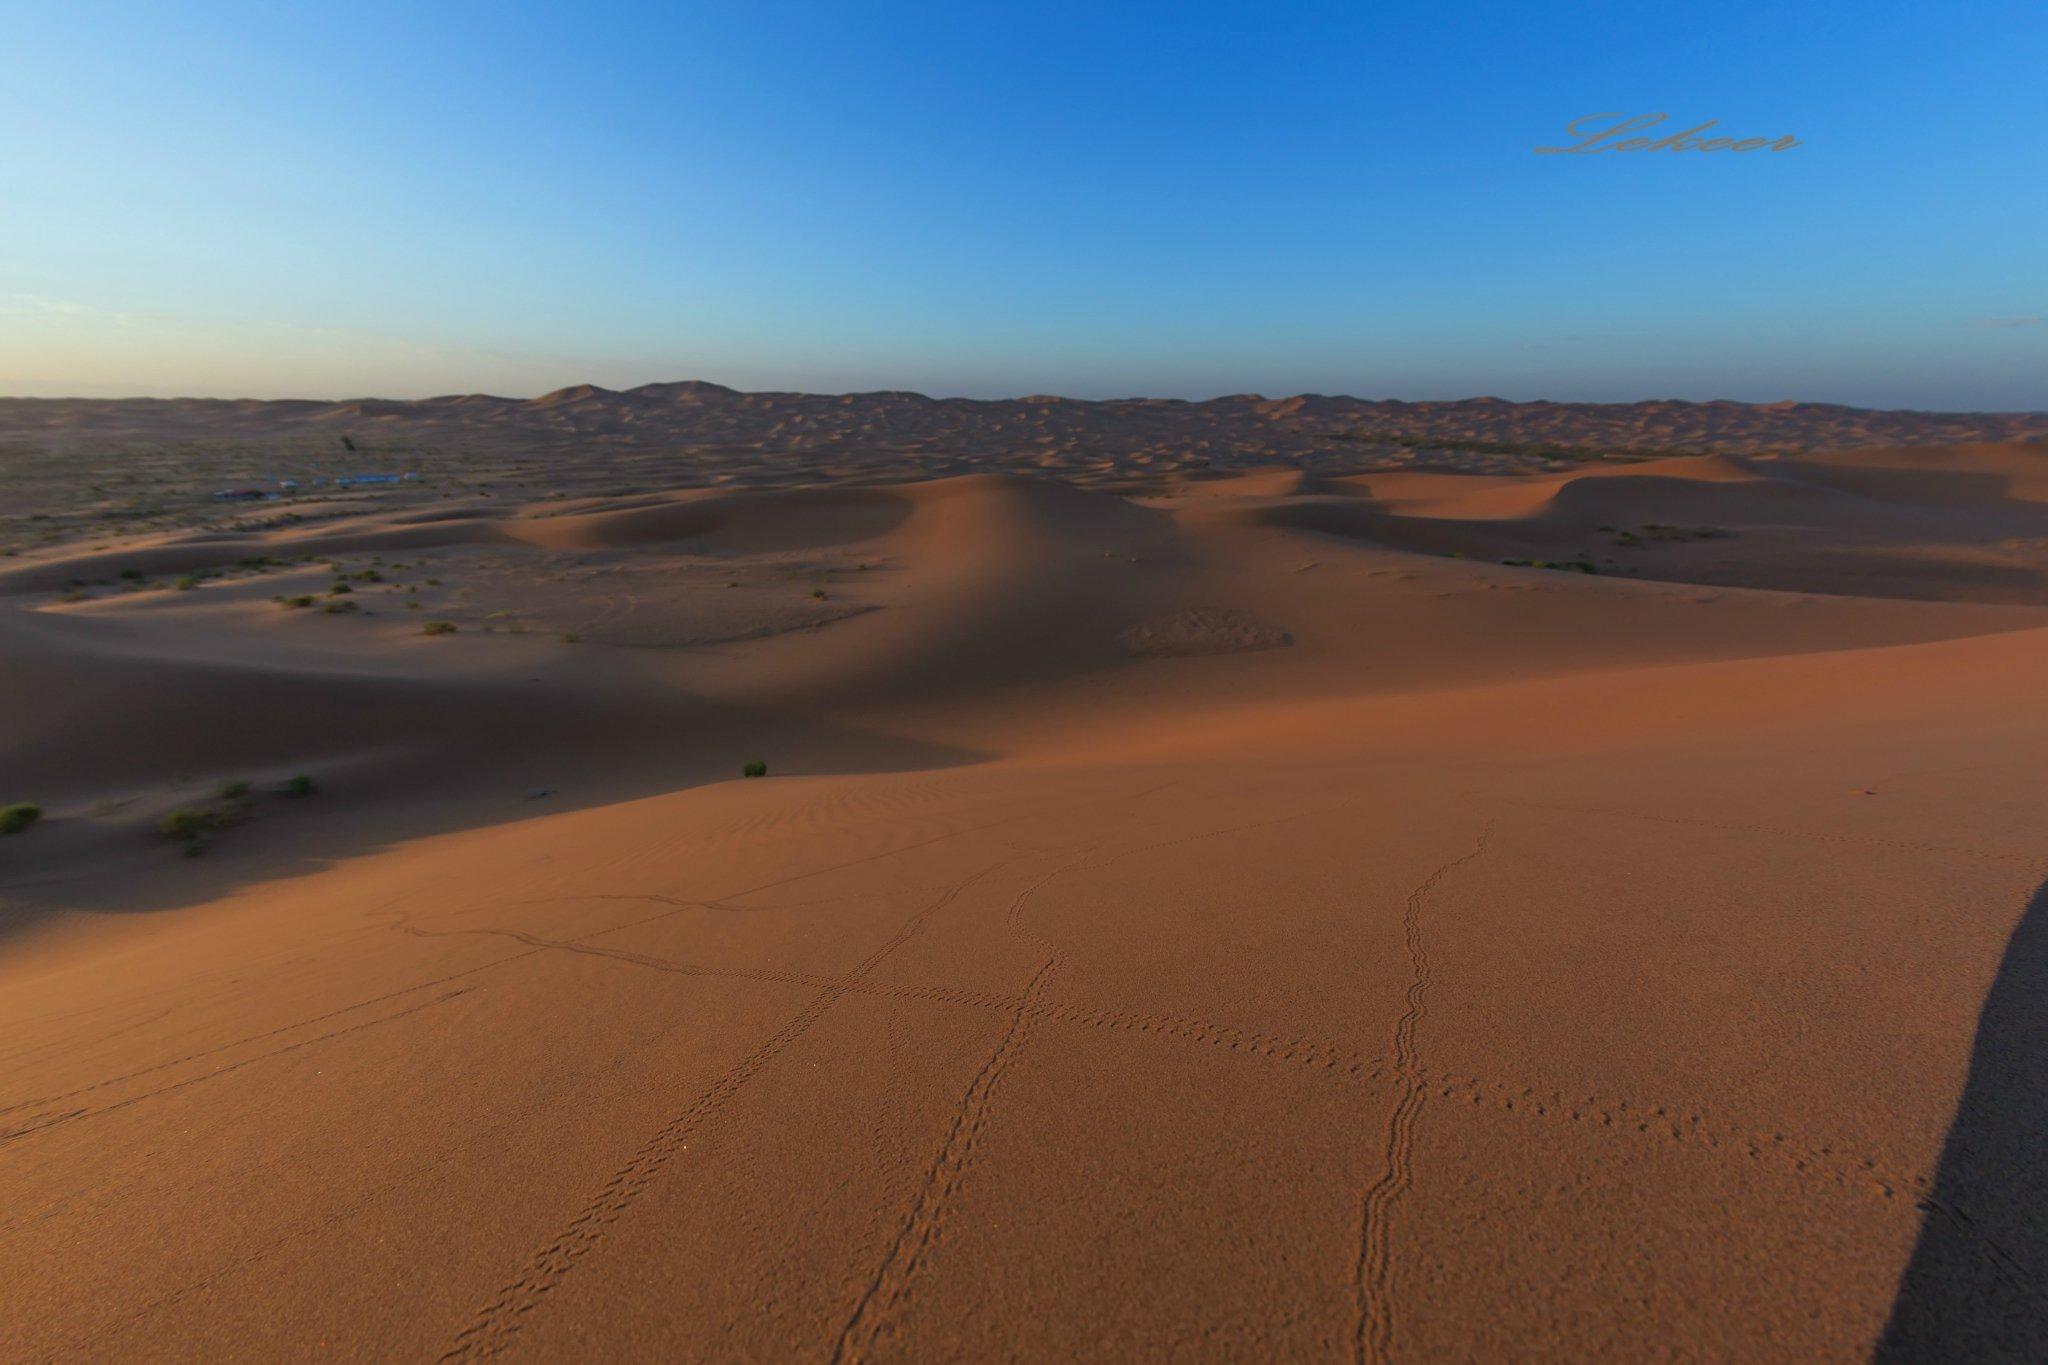 关于新月形沙丘的风向判断- 豆丁网